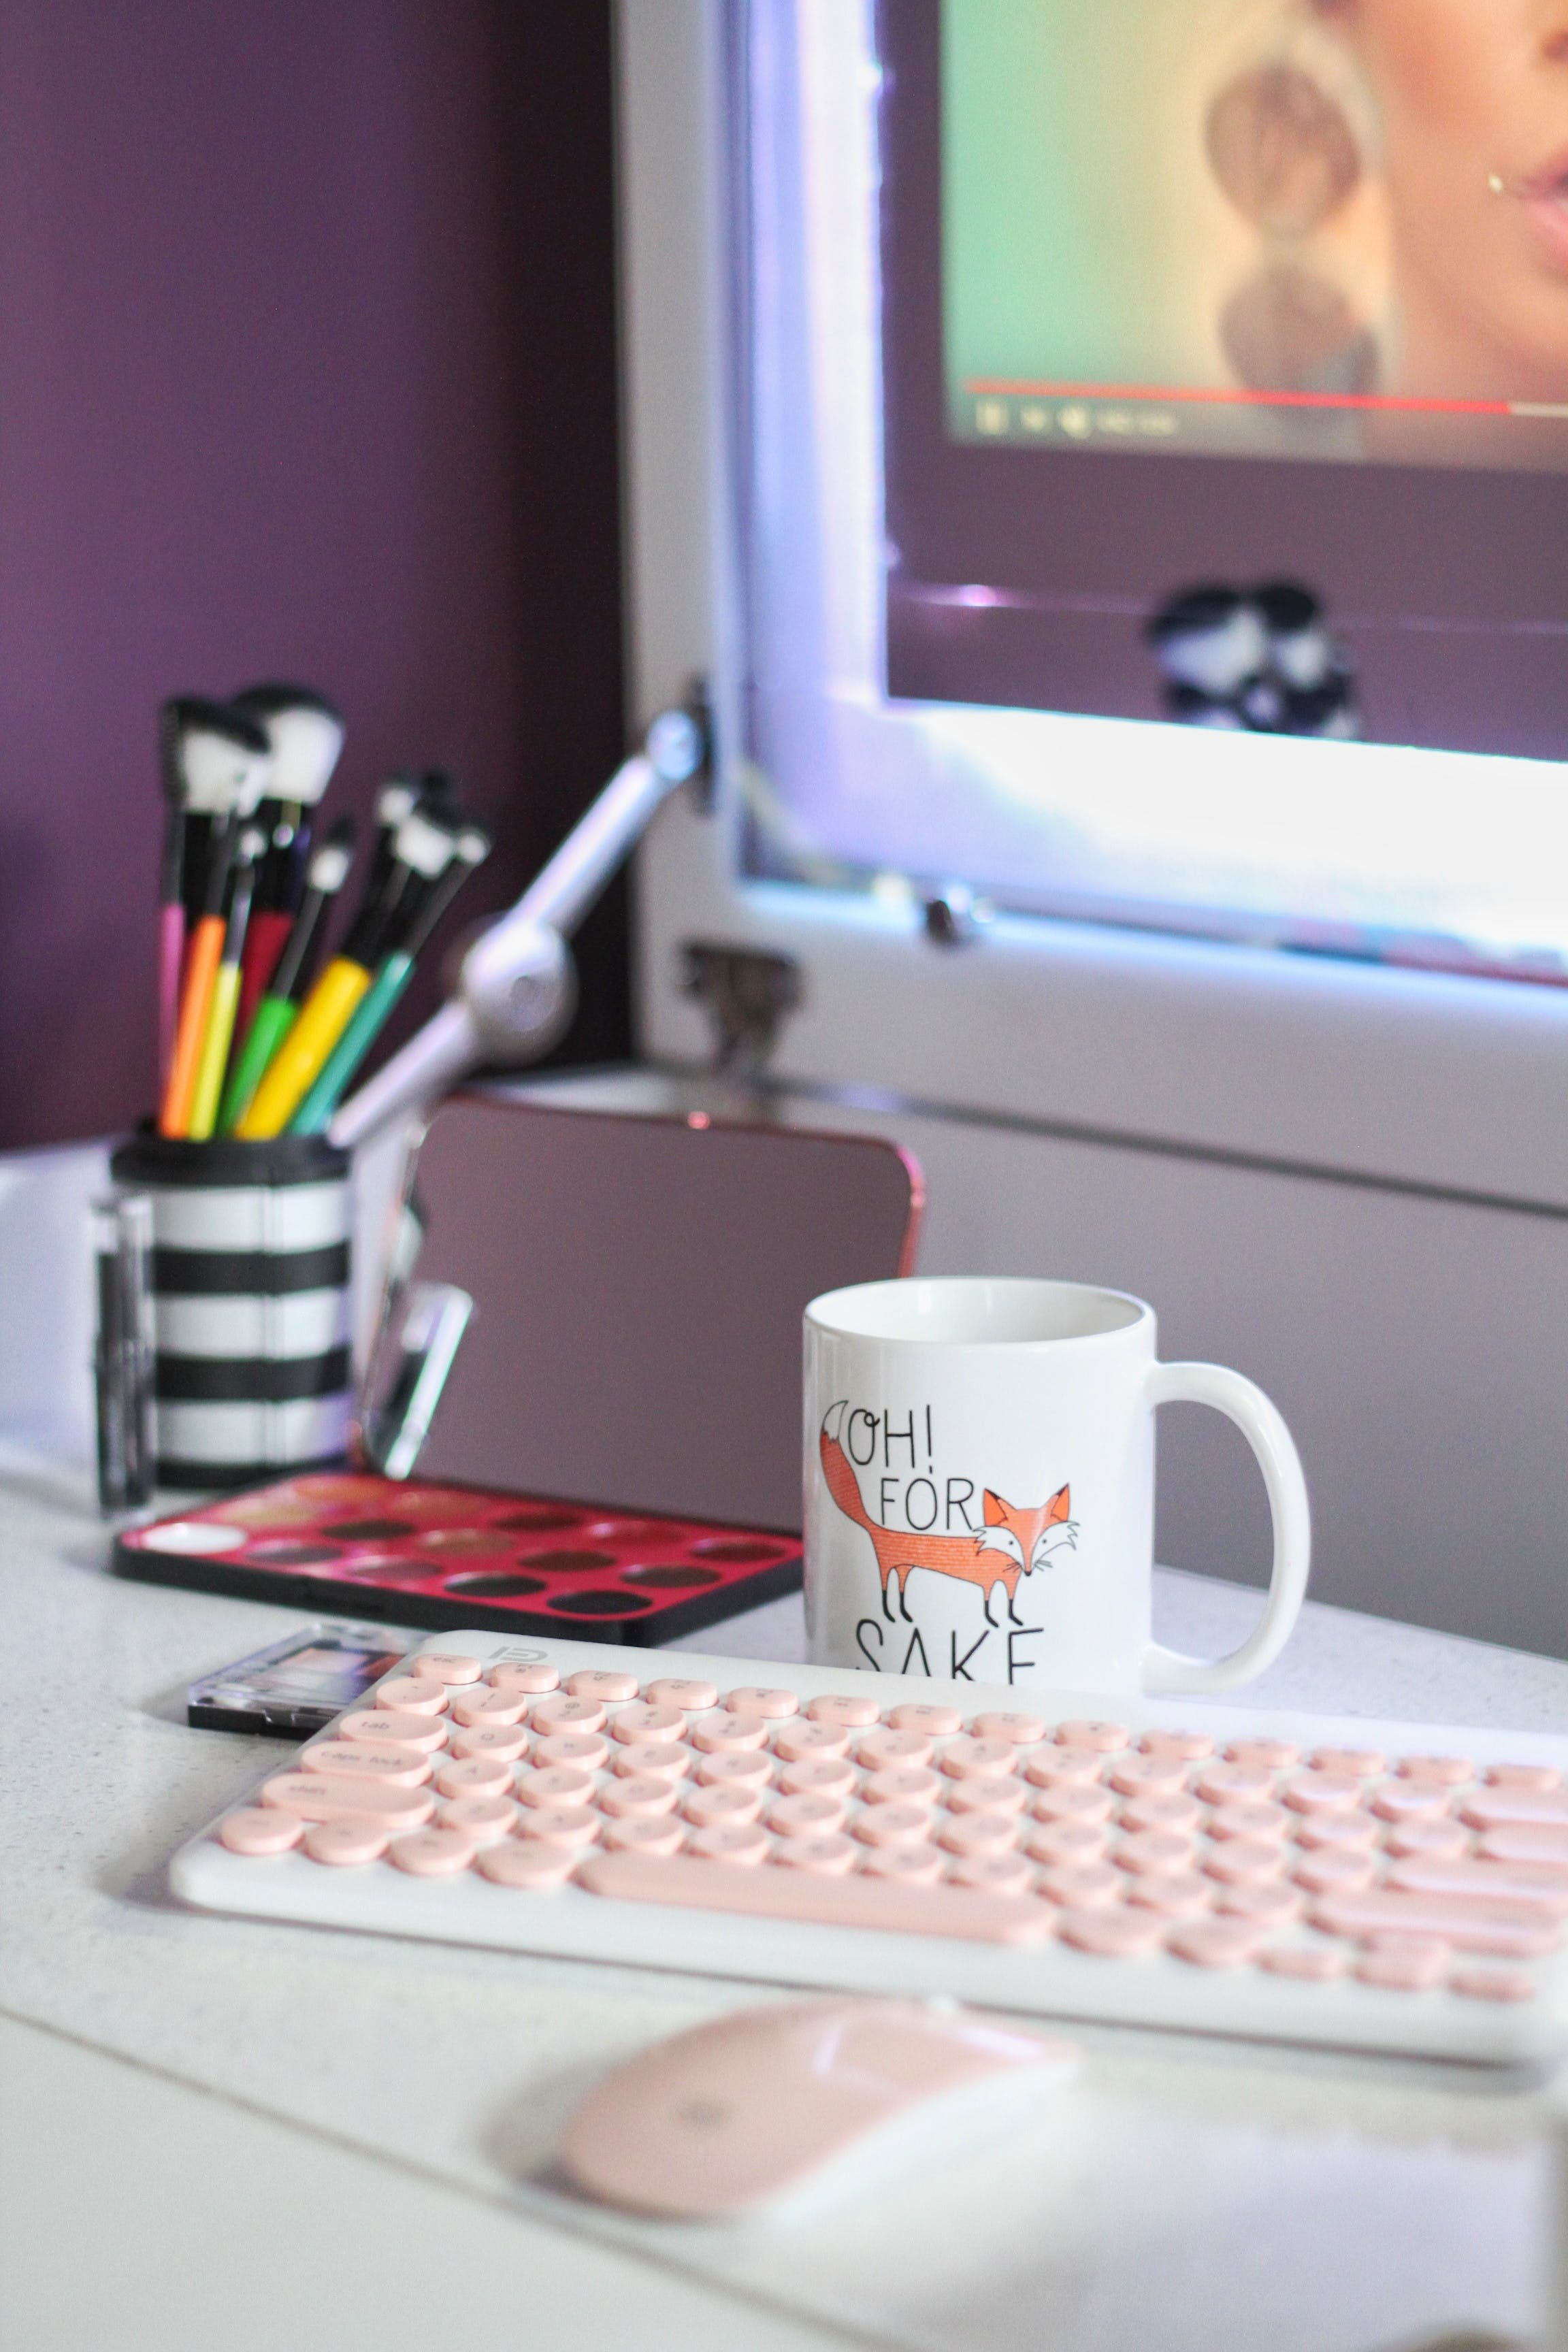 Cup Beside Keyboard